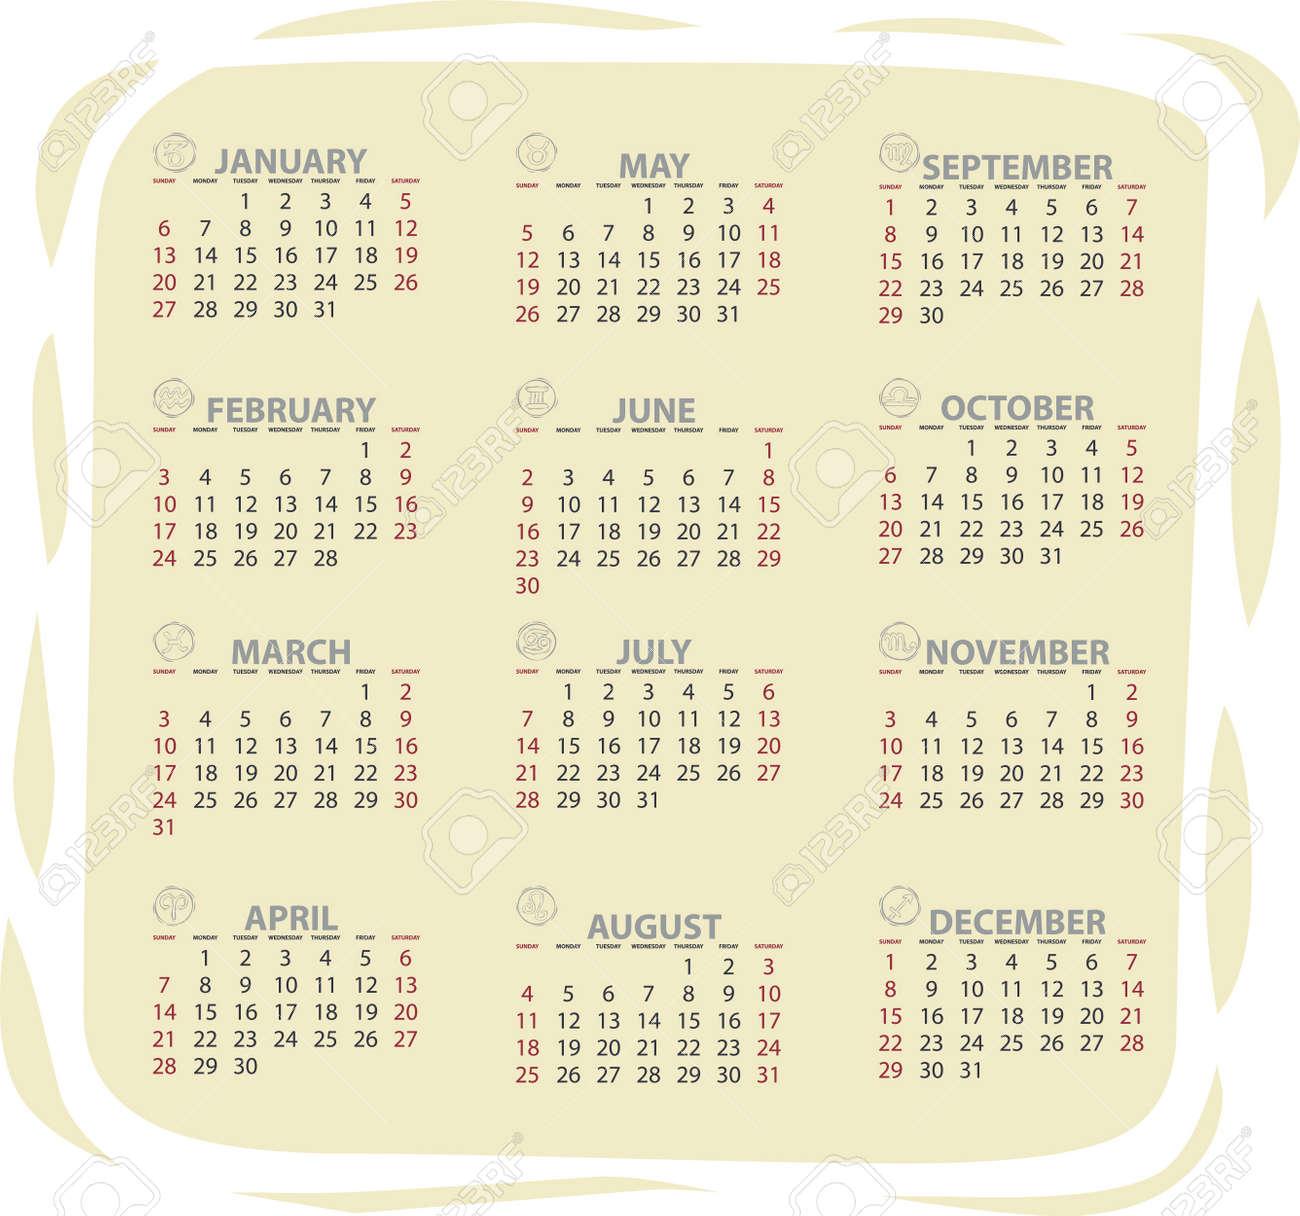 Full editable 2013 vector calendar with zodiac signs